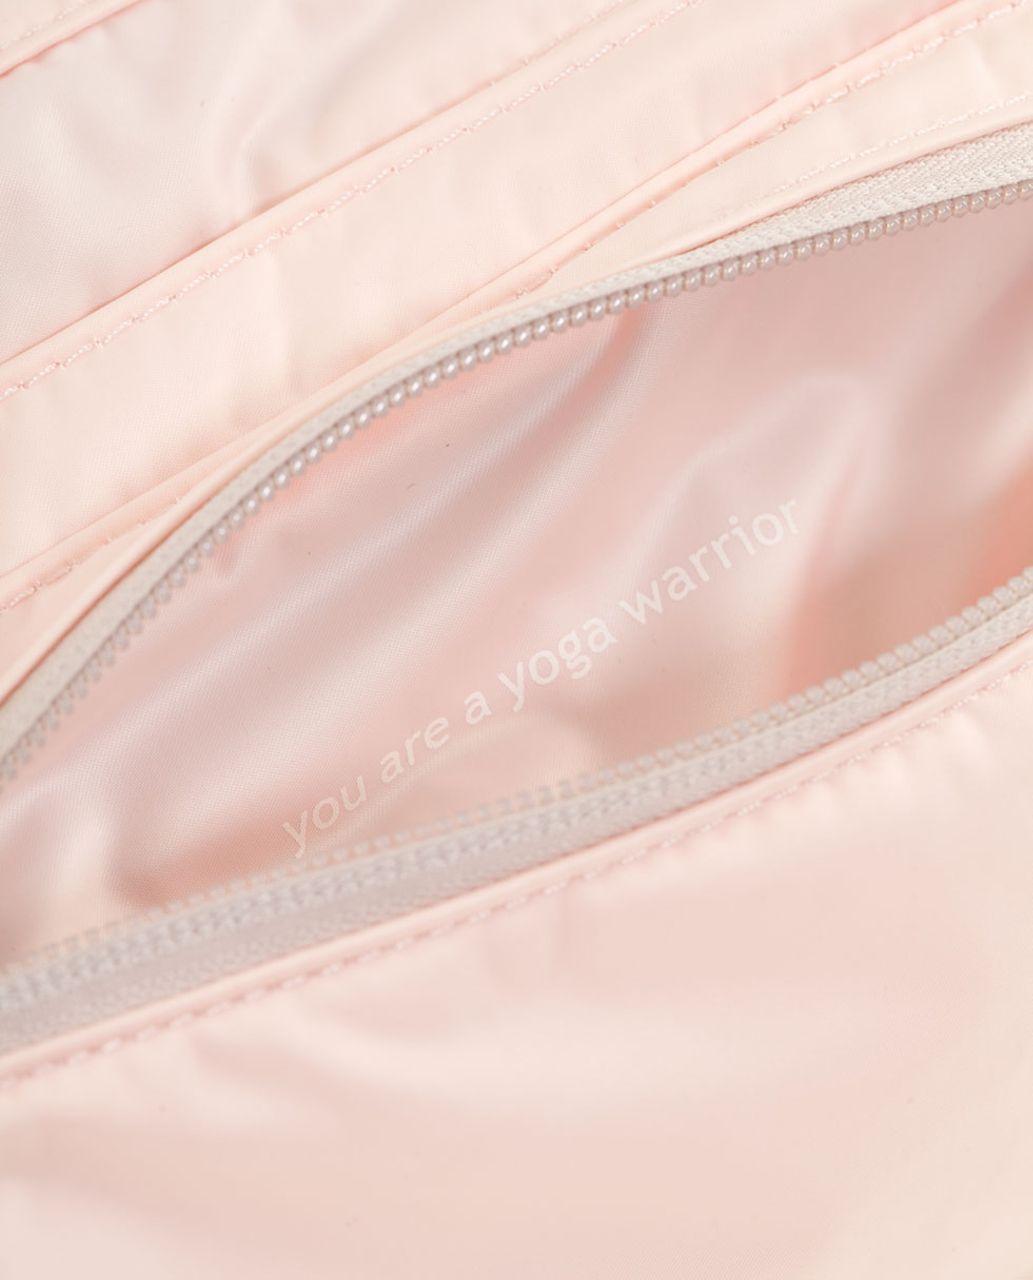 Lululemon Namaste Yoga Tote IV - Parfait Pink